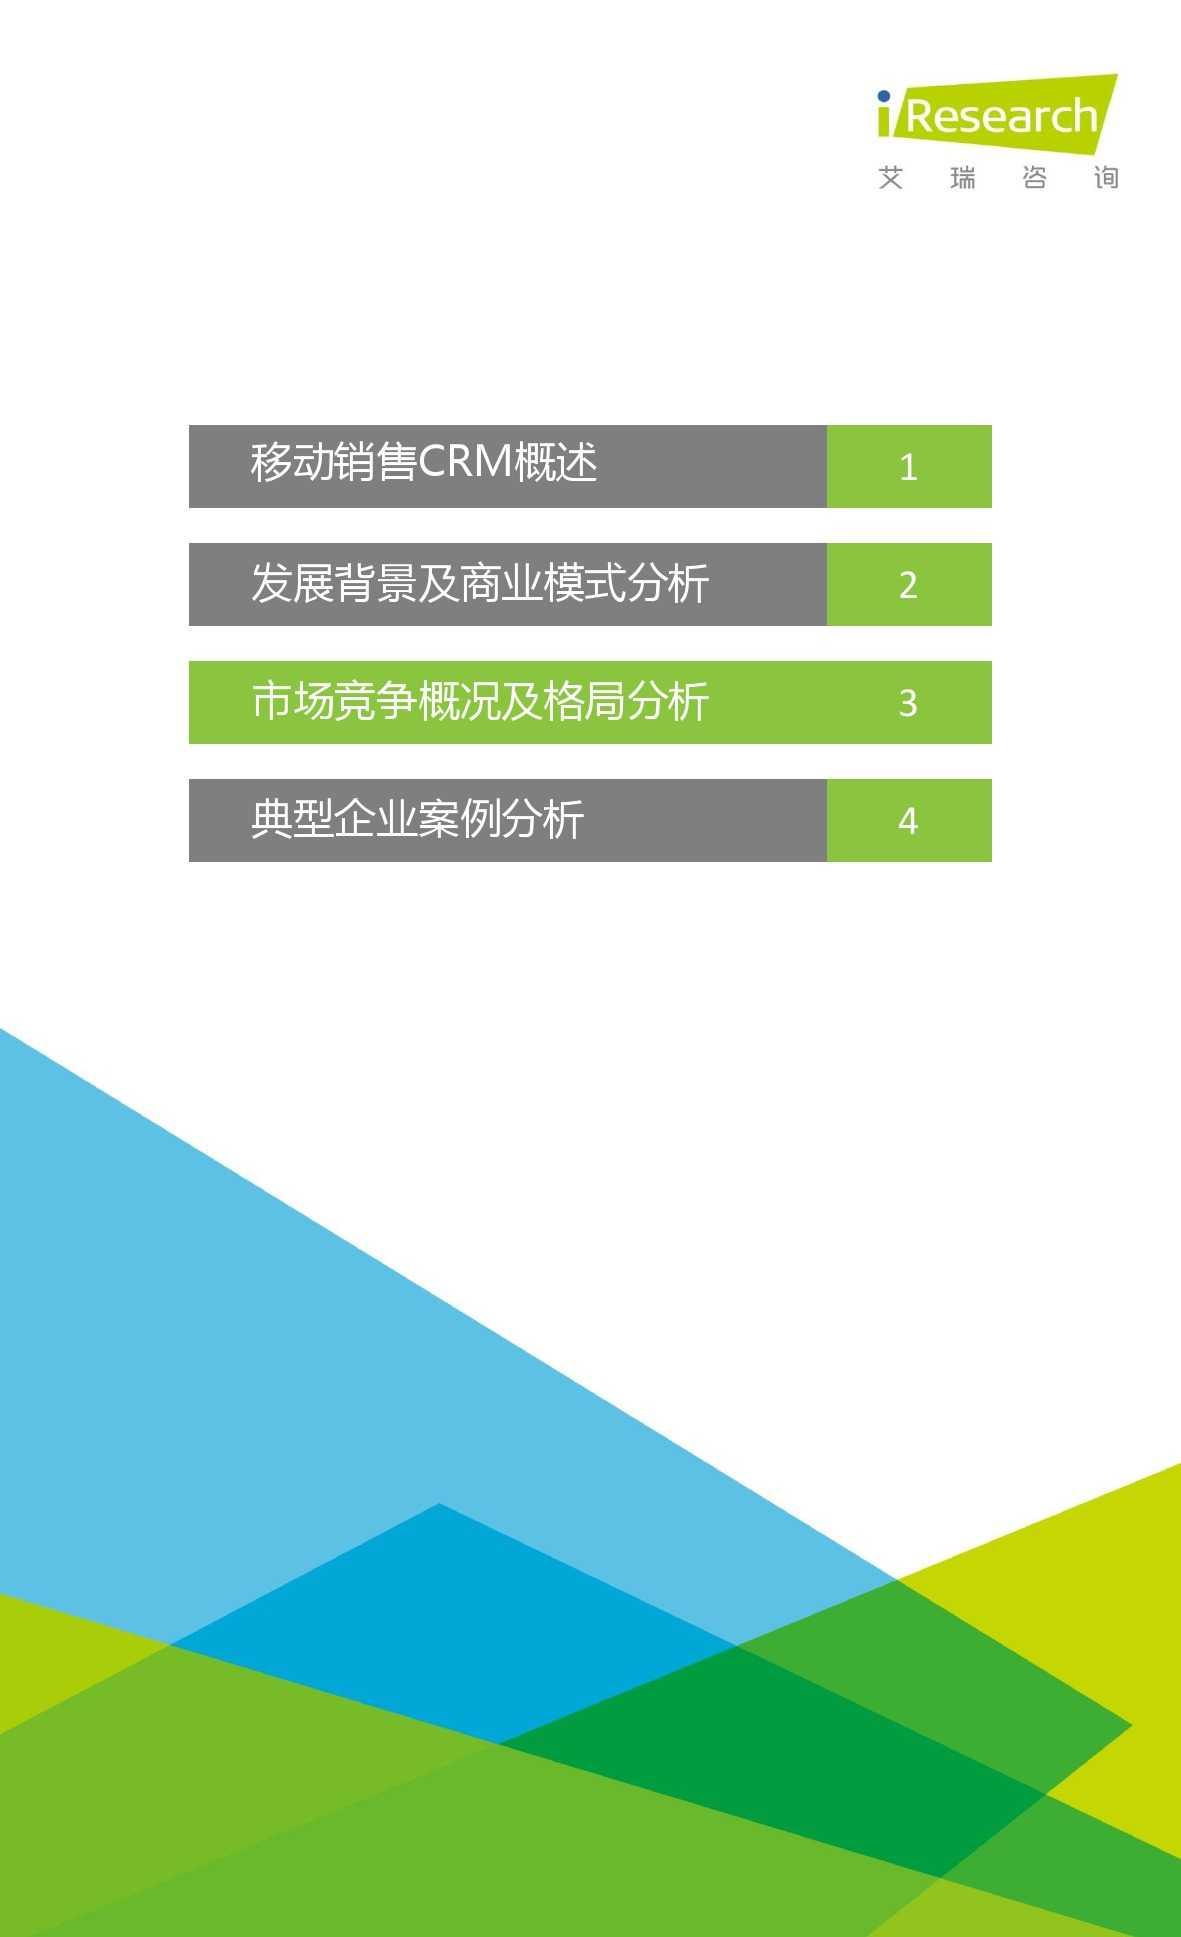 2015年中国移动销售CRM行业研究报告_000019